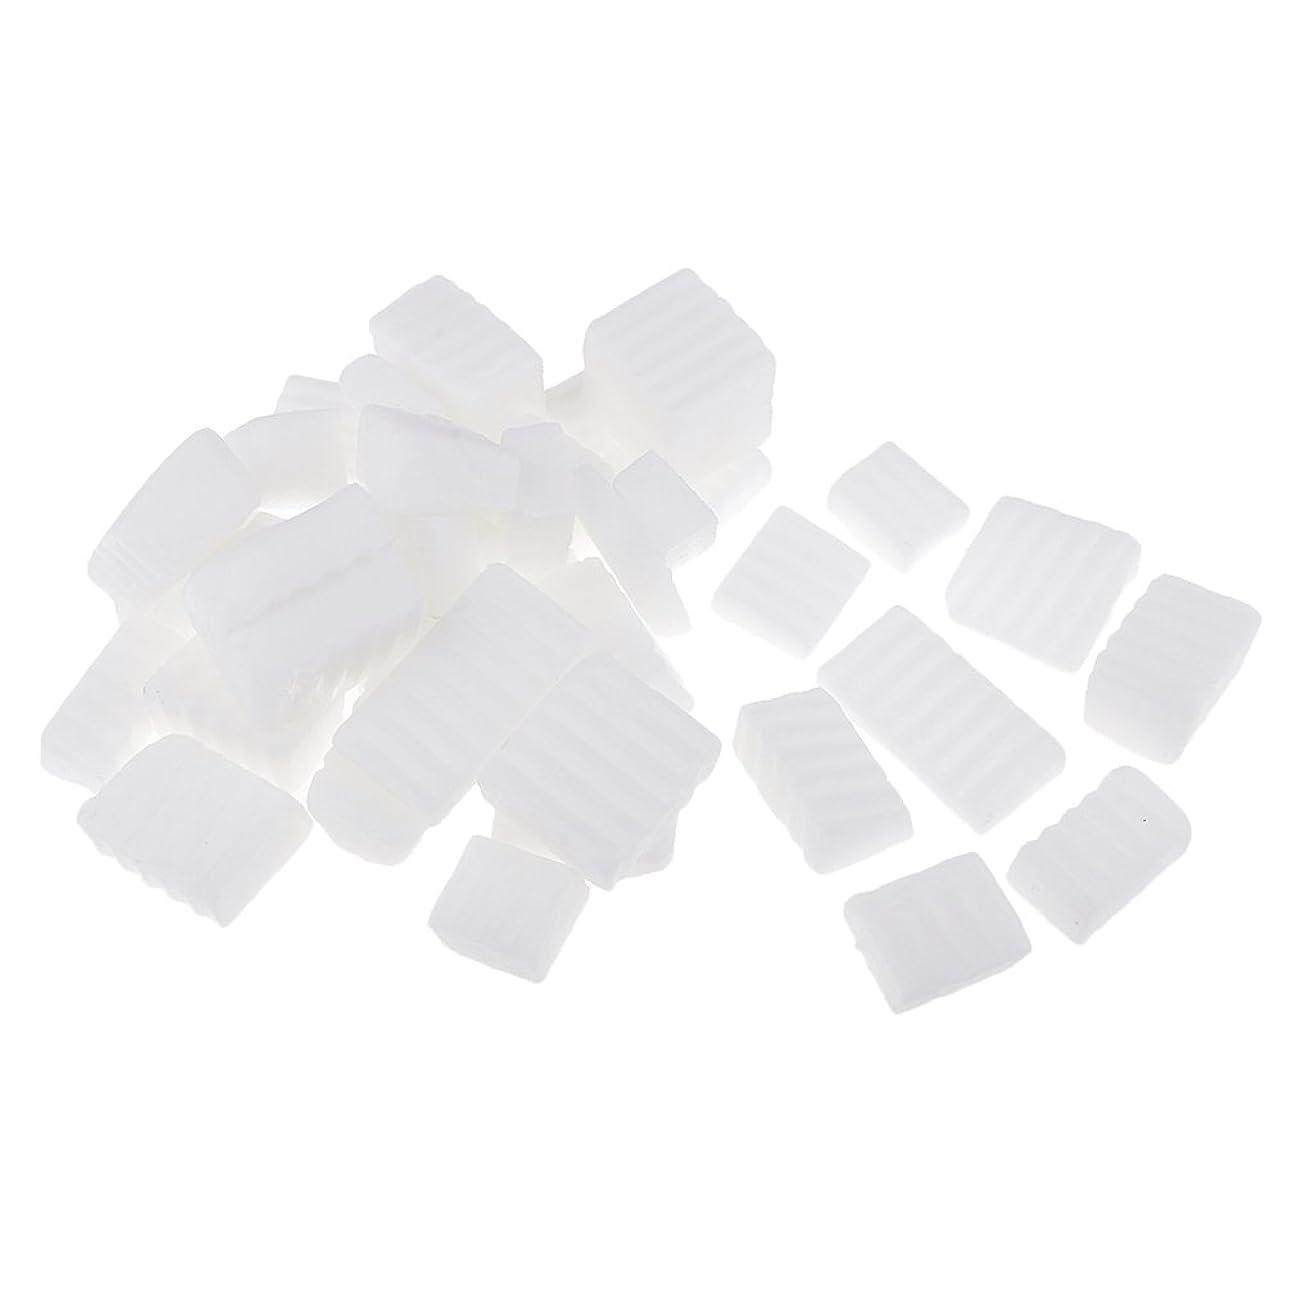 しかしムスタチオ衣装Perfk 石鹸ベース DIY 手作り 石鹸 原料 1 KG 白い 手作り バス用品